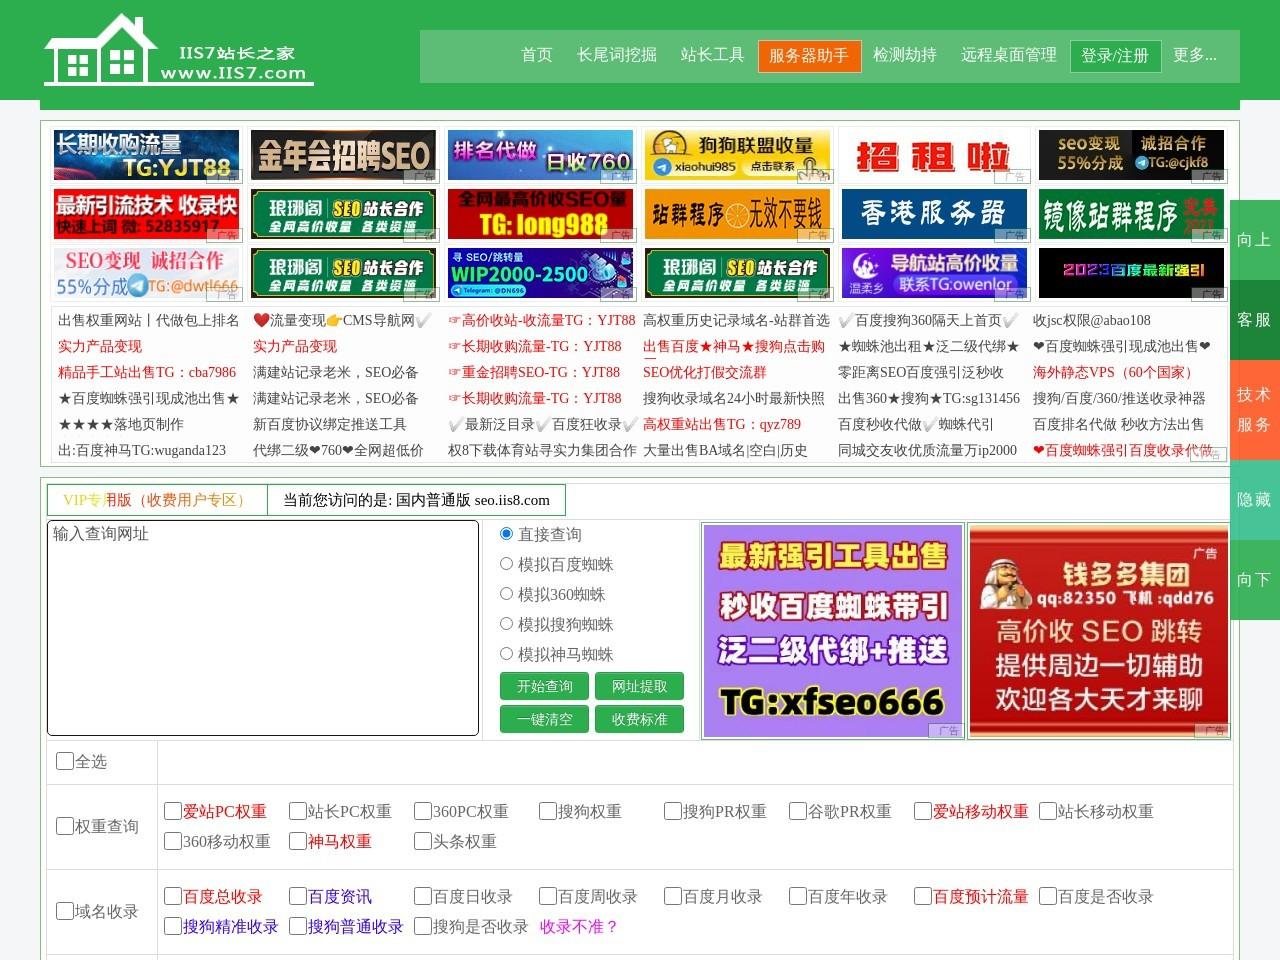 搜狗权重_IIS7站长工具 - 网站批量查询工具【IIS7站长之家】